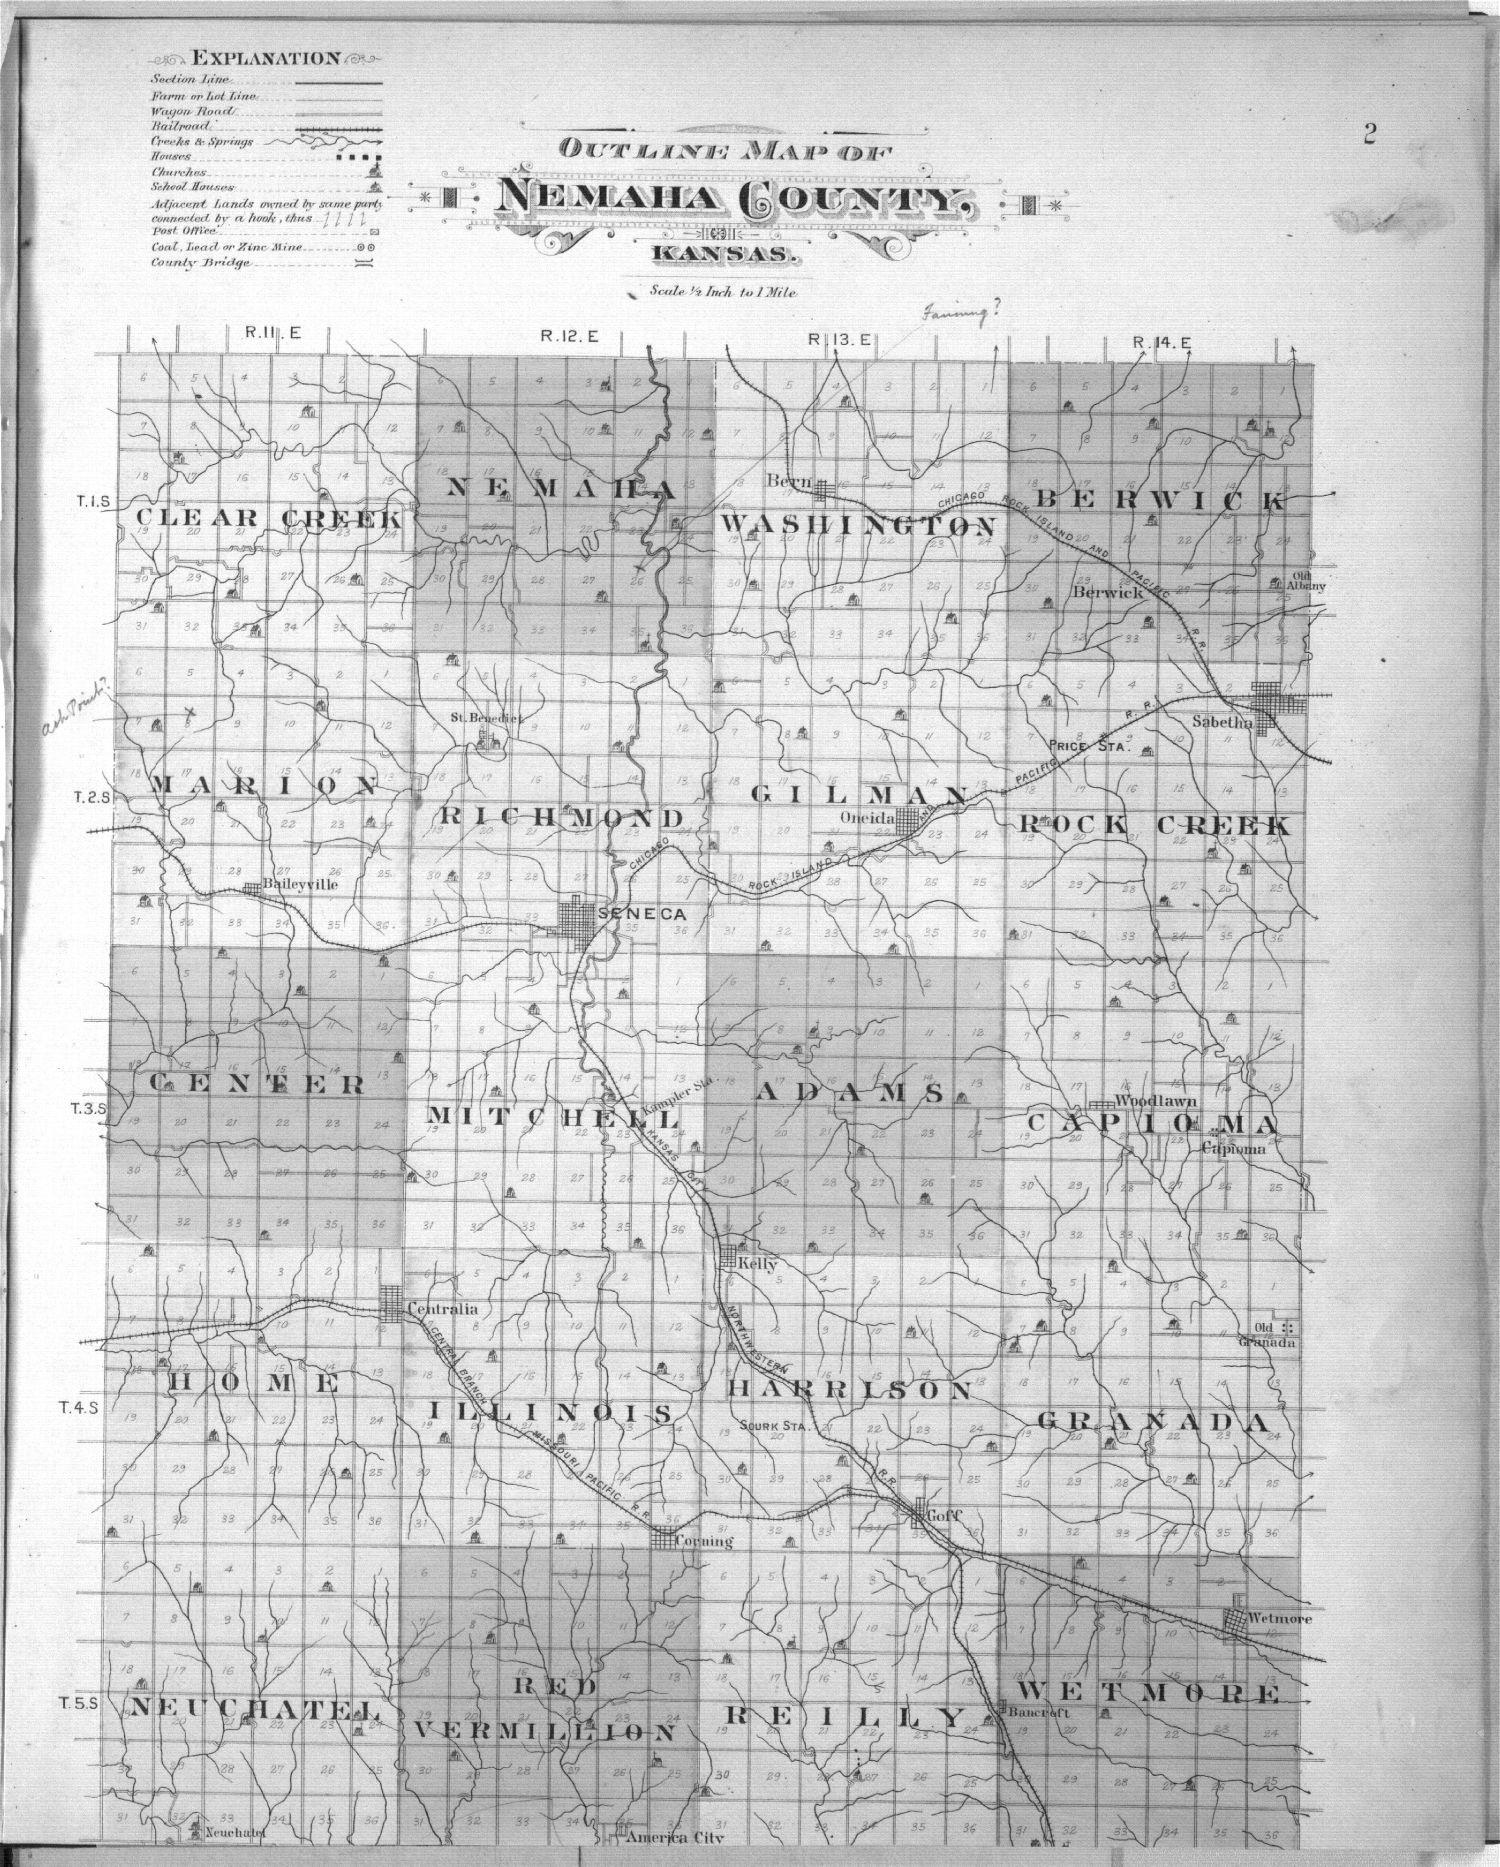 Plat book of Nemaha County, Kansas - 2